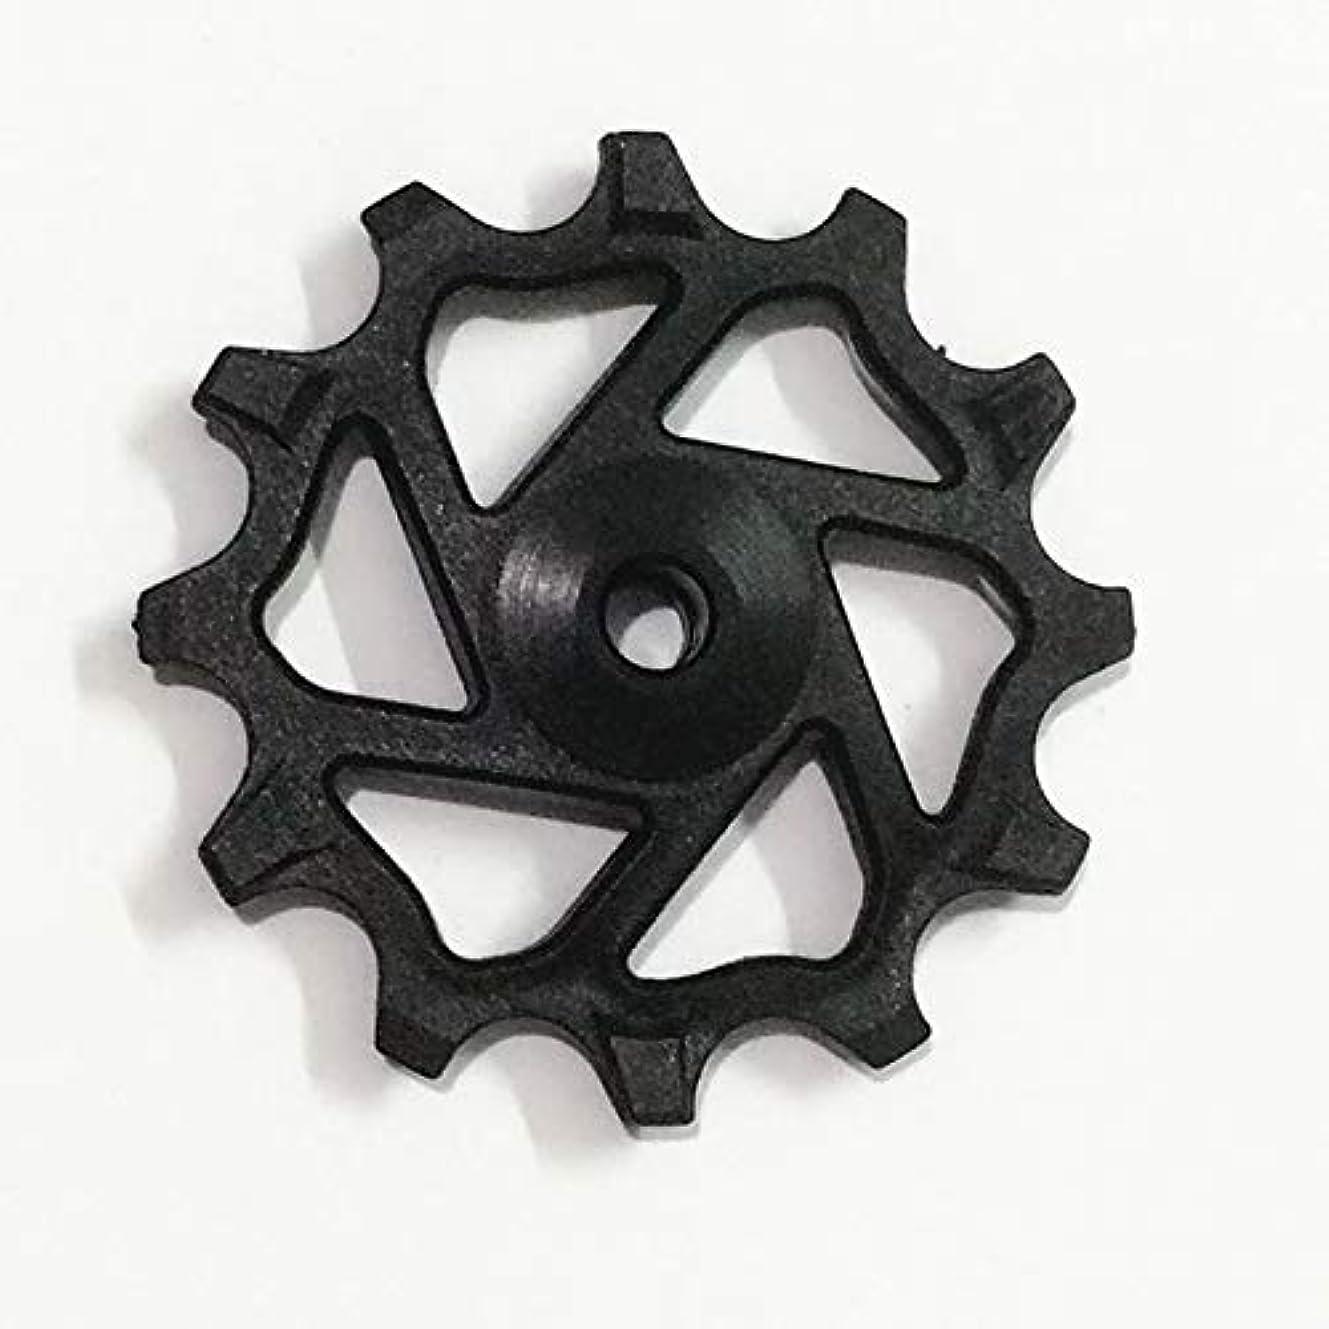 うぬぼれた出来事有害Propenary - 自転車レジン12T狭い広い静かなリアディレイラージョッキーホイールロードマウンテンバイクガイドローラーアイドラープーリー自転車パーツ